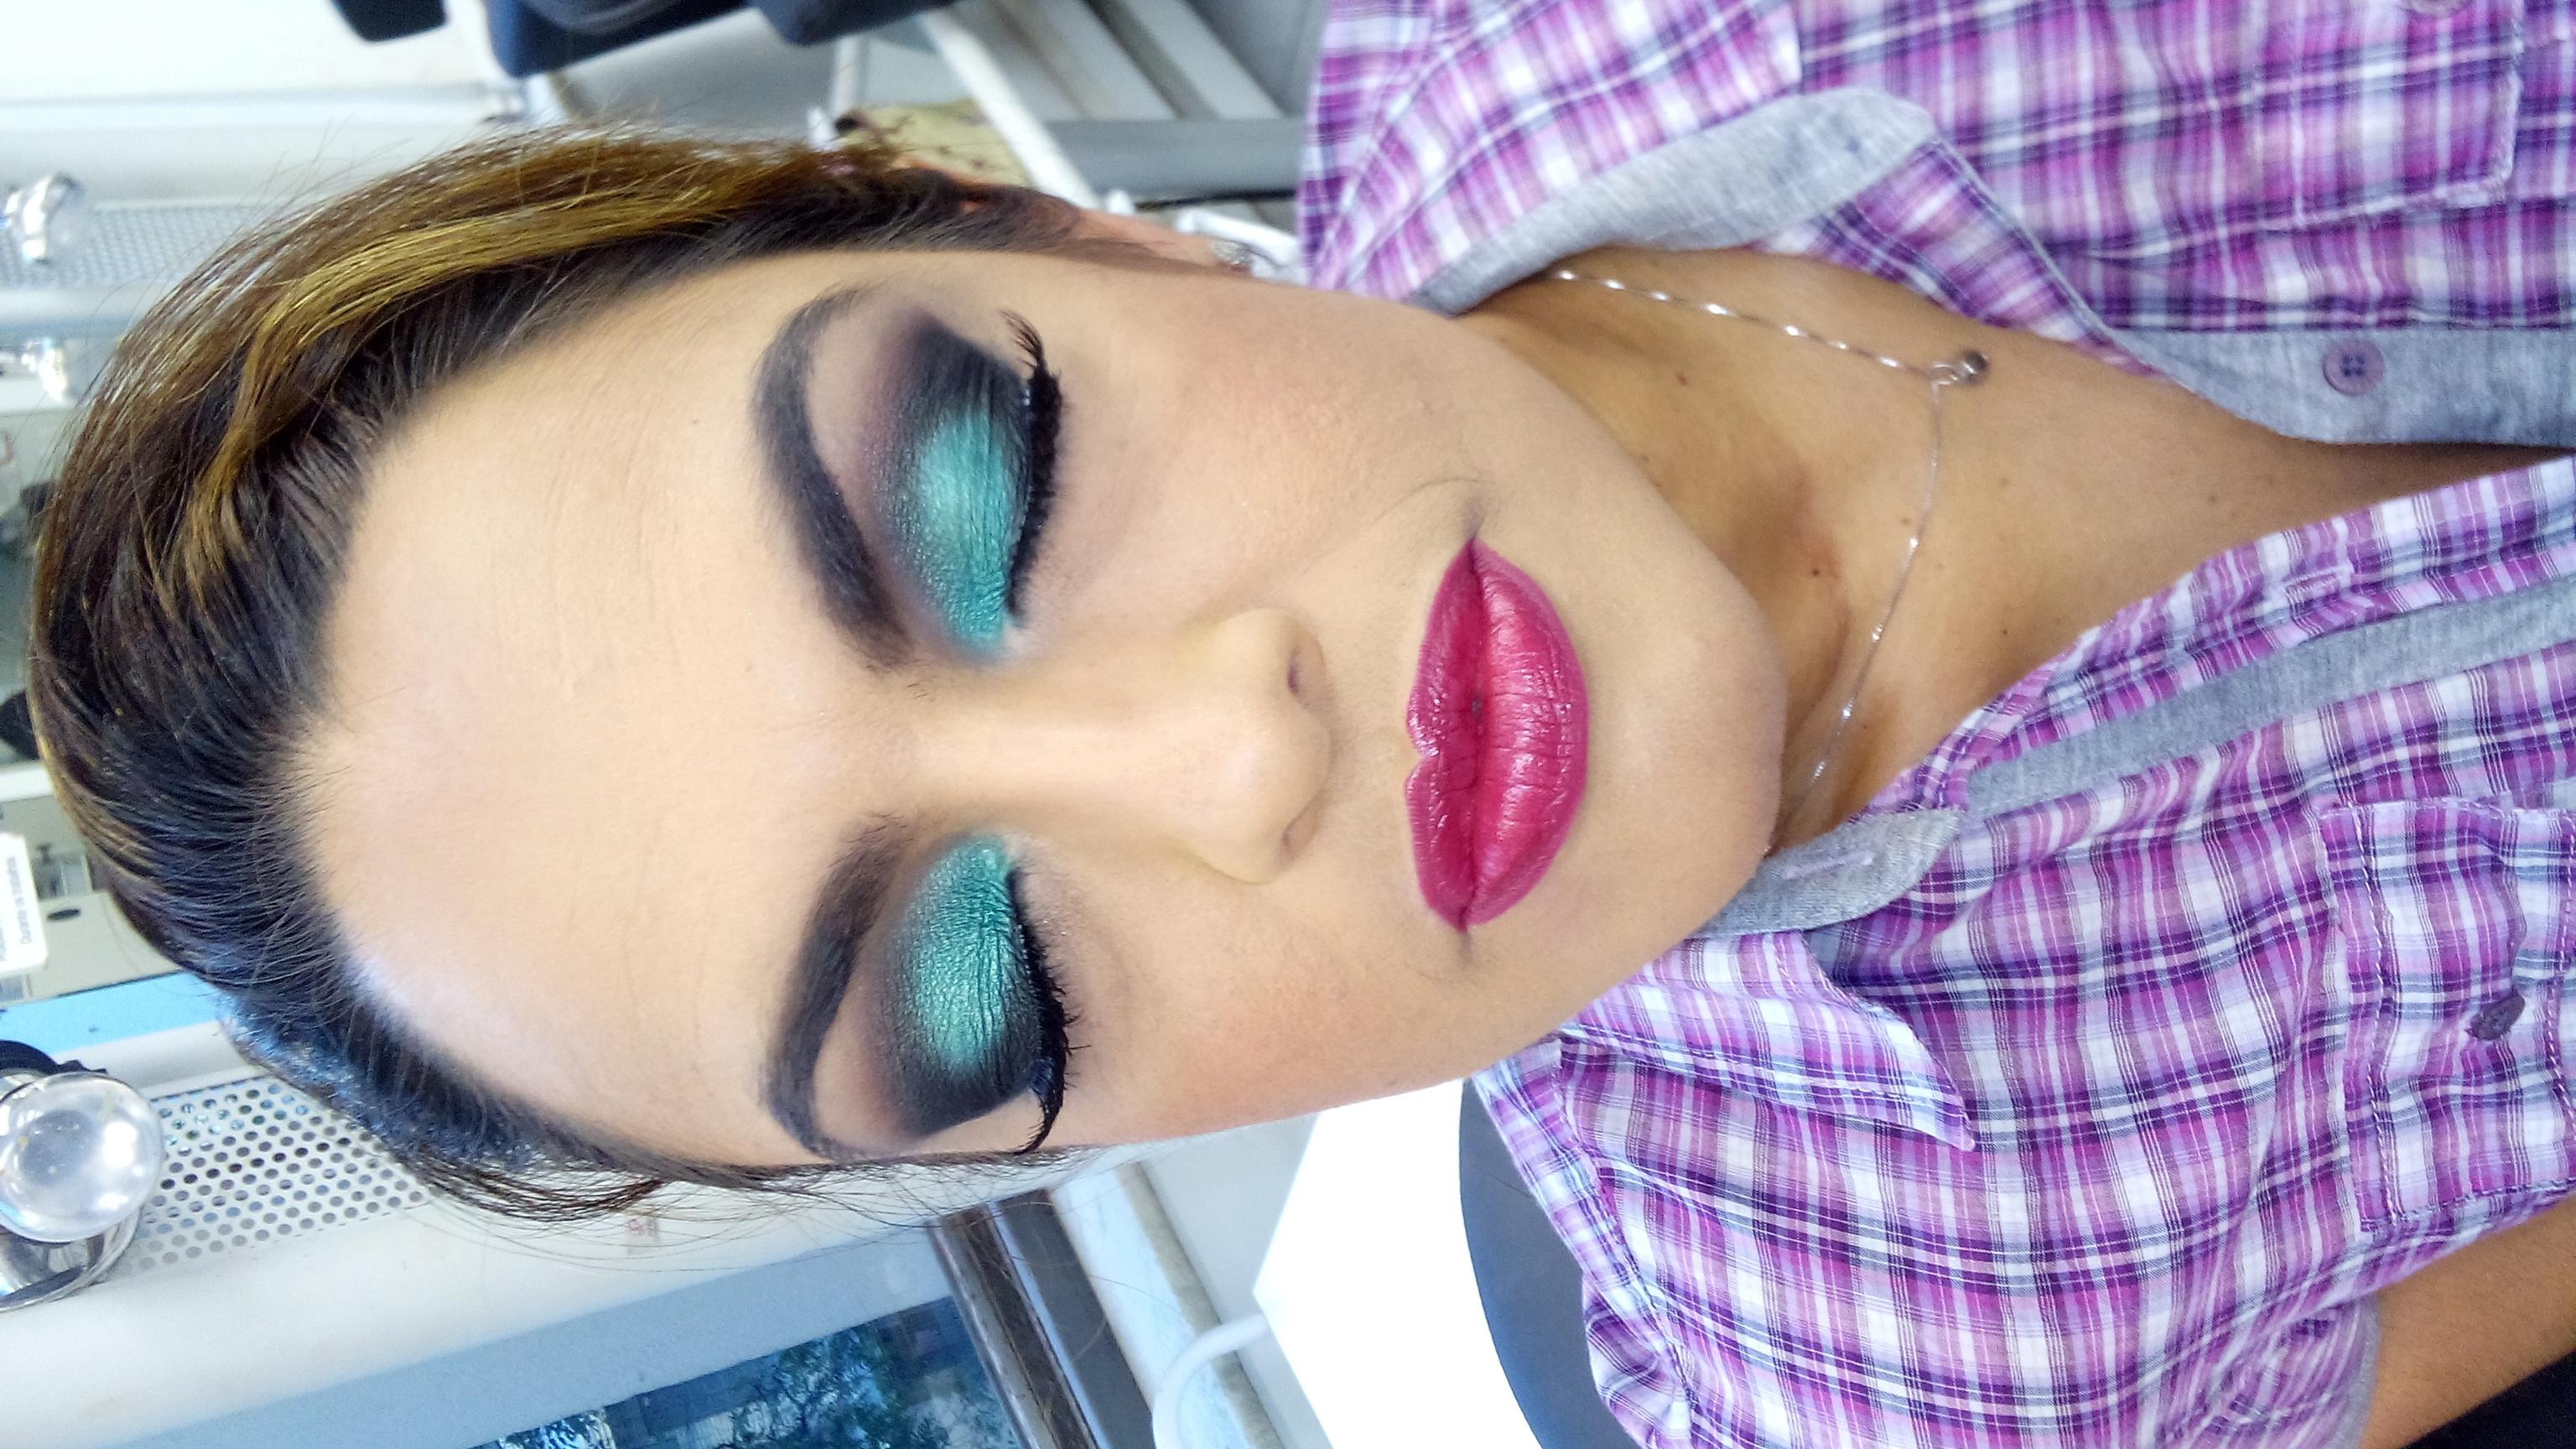 Maquiagem Noturna  carnaval maquiagem  maquiador(a) produtor(a)